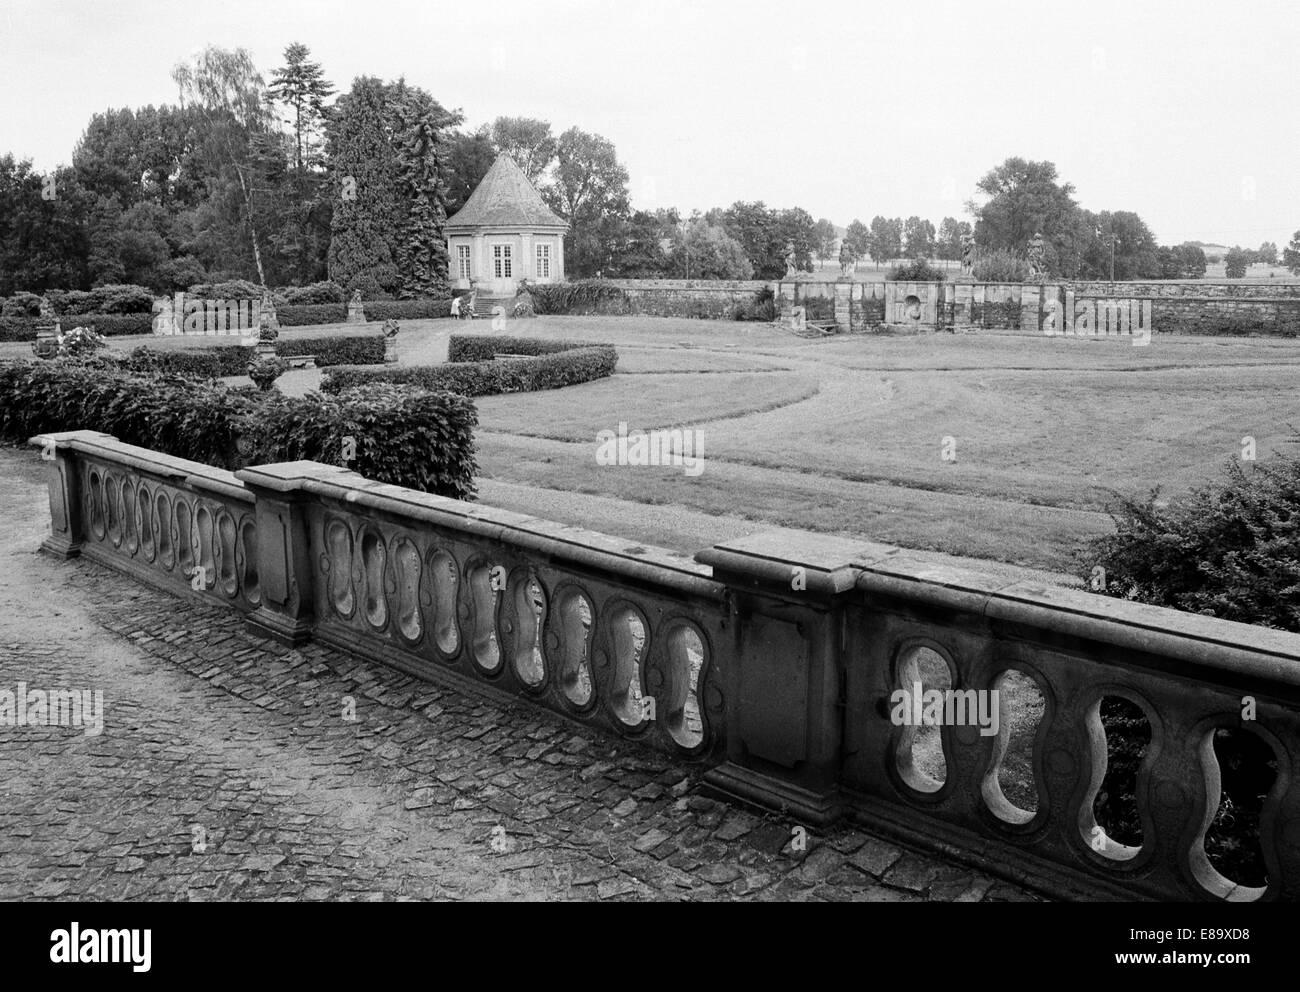 Achtziger Jahre, Schlosspark von Schloss Schwoebber en Aerzen-Koenigsfoerde, Weserbergland, Niedersachsen, heute Schlosshotel Muenchhausen Foto de stock